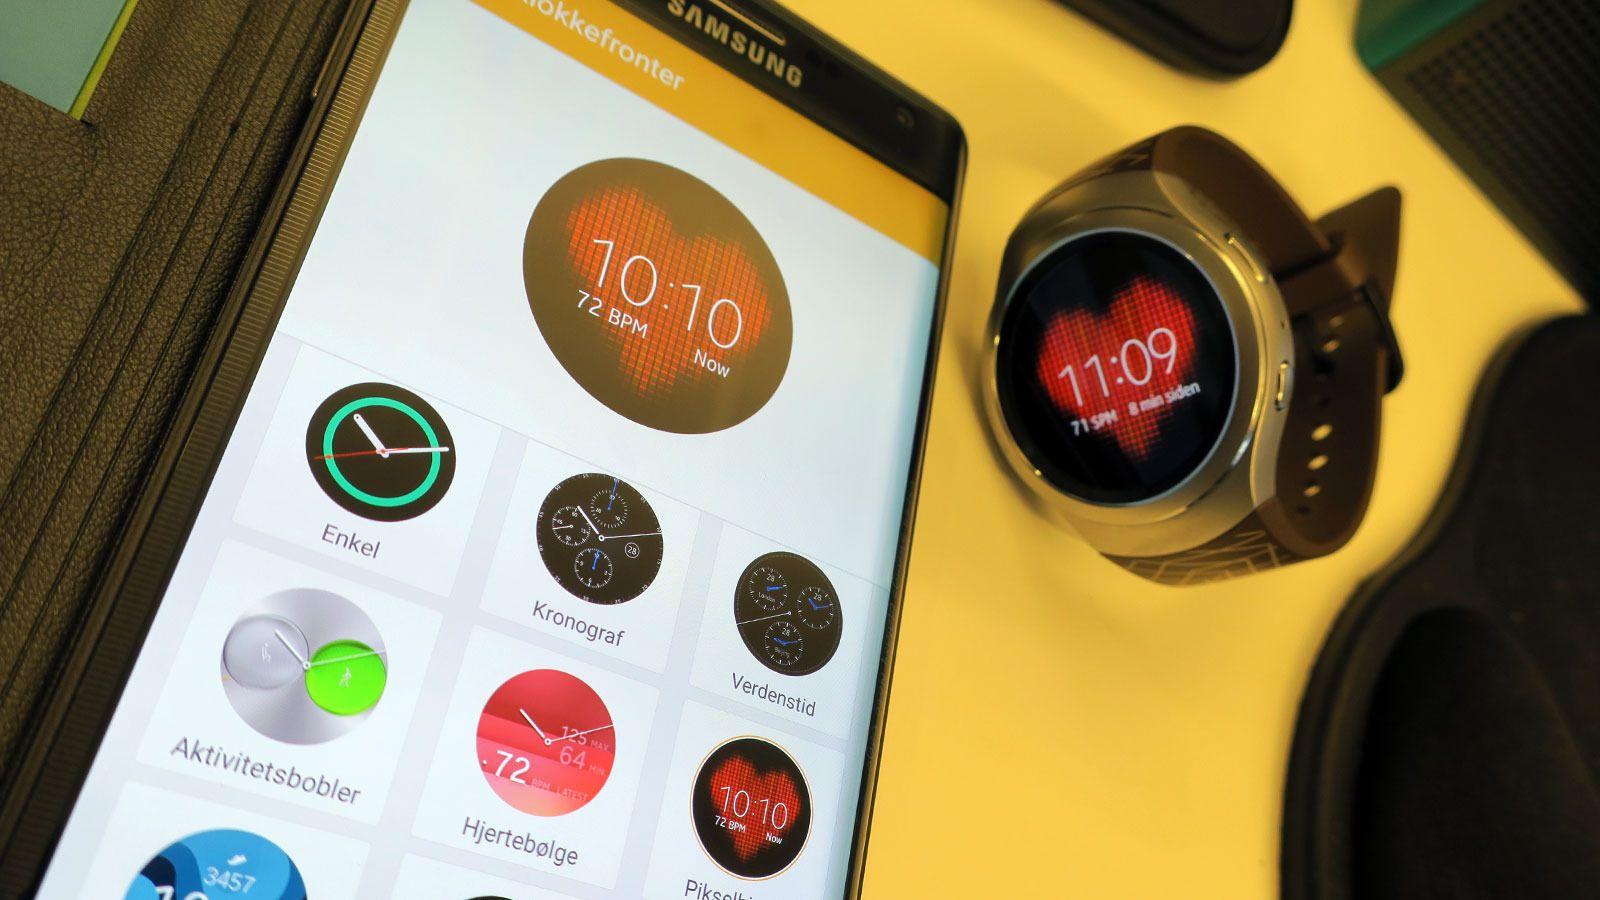 I Gear-appen på mobilen kan du velge utseende, bestemme hvilke apper som skal sende alarmer til klokken, installere nye apper, flytte musikk og bilder til klokken og mye mer. Foto: Espen Irwing Swang, Tek.no